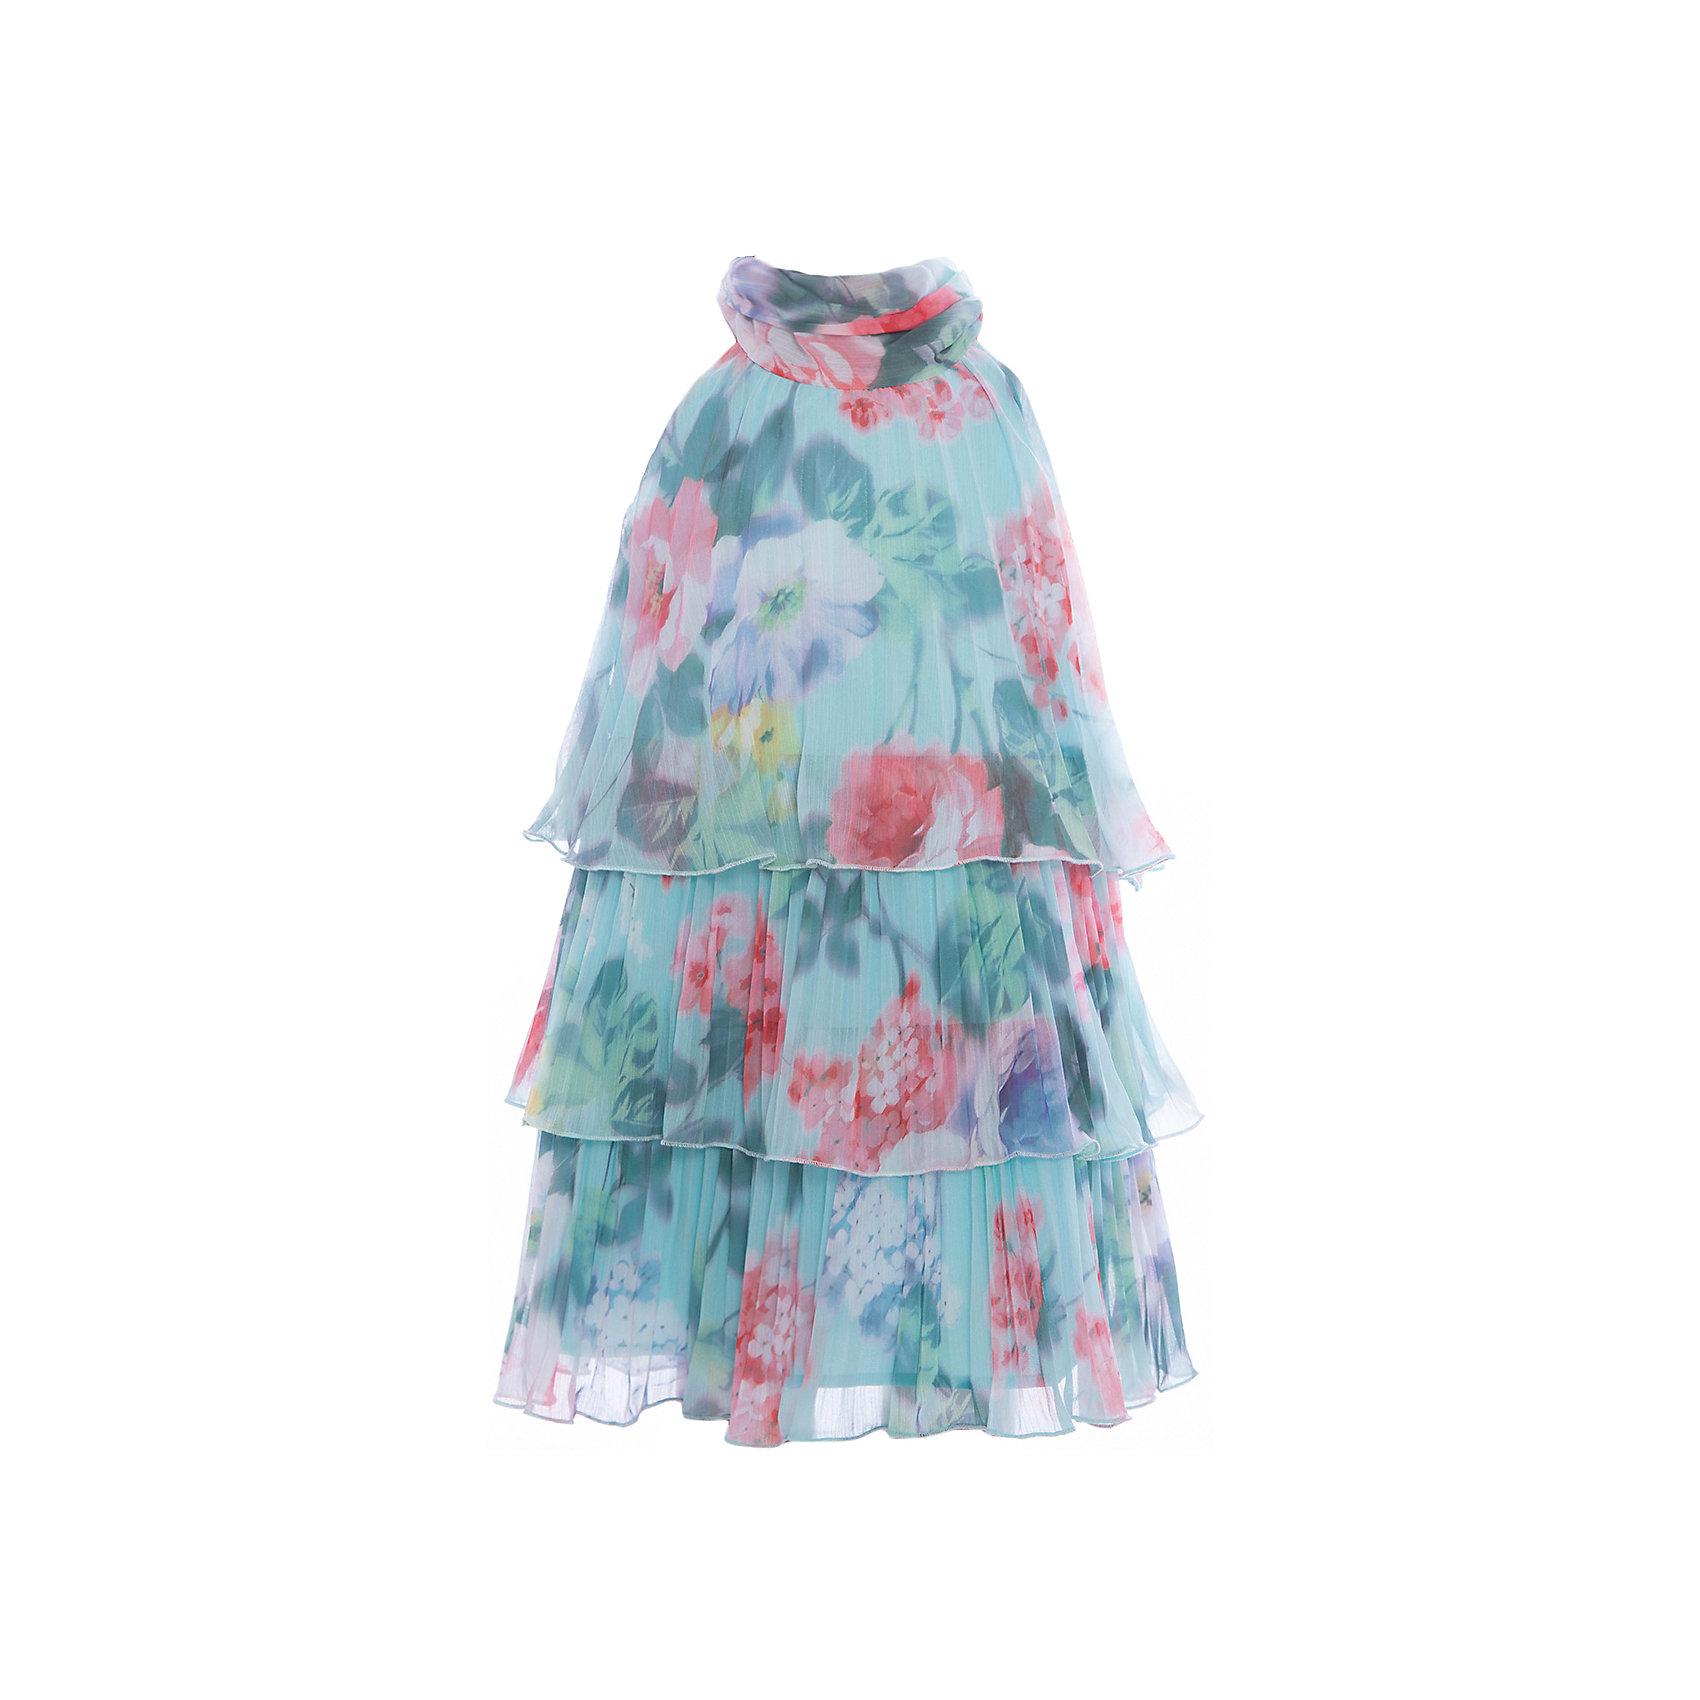 Платье для девочки GulliverОдежда<br>Воздушный орнаментальный шифон… Любое платье из него - настоящий шедевр! Потрясающий цветочный рисунок ткани в розово-ментоловой гамме, летящий трапециевидный силуэт, элегантное оформление горловины легким бантом настраивают на романтический лад, создавая нежный благородный образ, наполненной красотой и изяществом. Если вы предпочитаете иметь в гардеробе девочки хотя бы одну стильную нарядную вещь, вам стоит купить платье из коллекции Акварель и вашему ребенку гарантирован образ современной принцессы с хорошим вкусом и благородными манерами.<br>Состав:<br>100% хлопок/ 100% полиэстер<br><br>Ширина мм: 236<br>Глубина мм: 16<br>Высота мм: 184<br>Вес г: 177<br>Цвет: голубой<br>Возраст от месяцев: 24<br>Возраст до месяцев: 36<br>Пол: Женский<br>Возраст: Детский<br>Размер: 98,104,110,116<br>SKU: 5483389